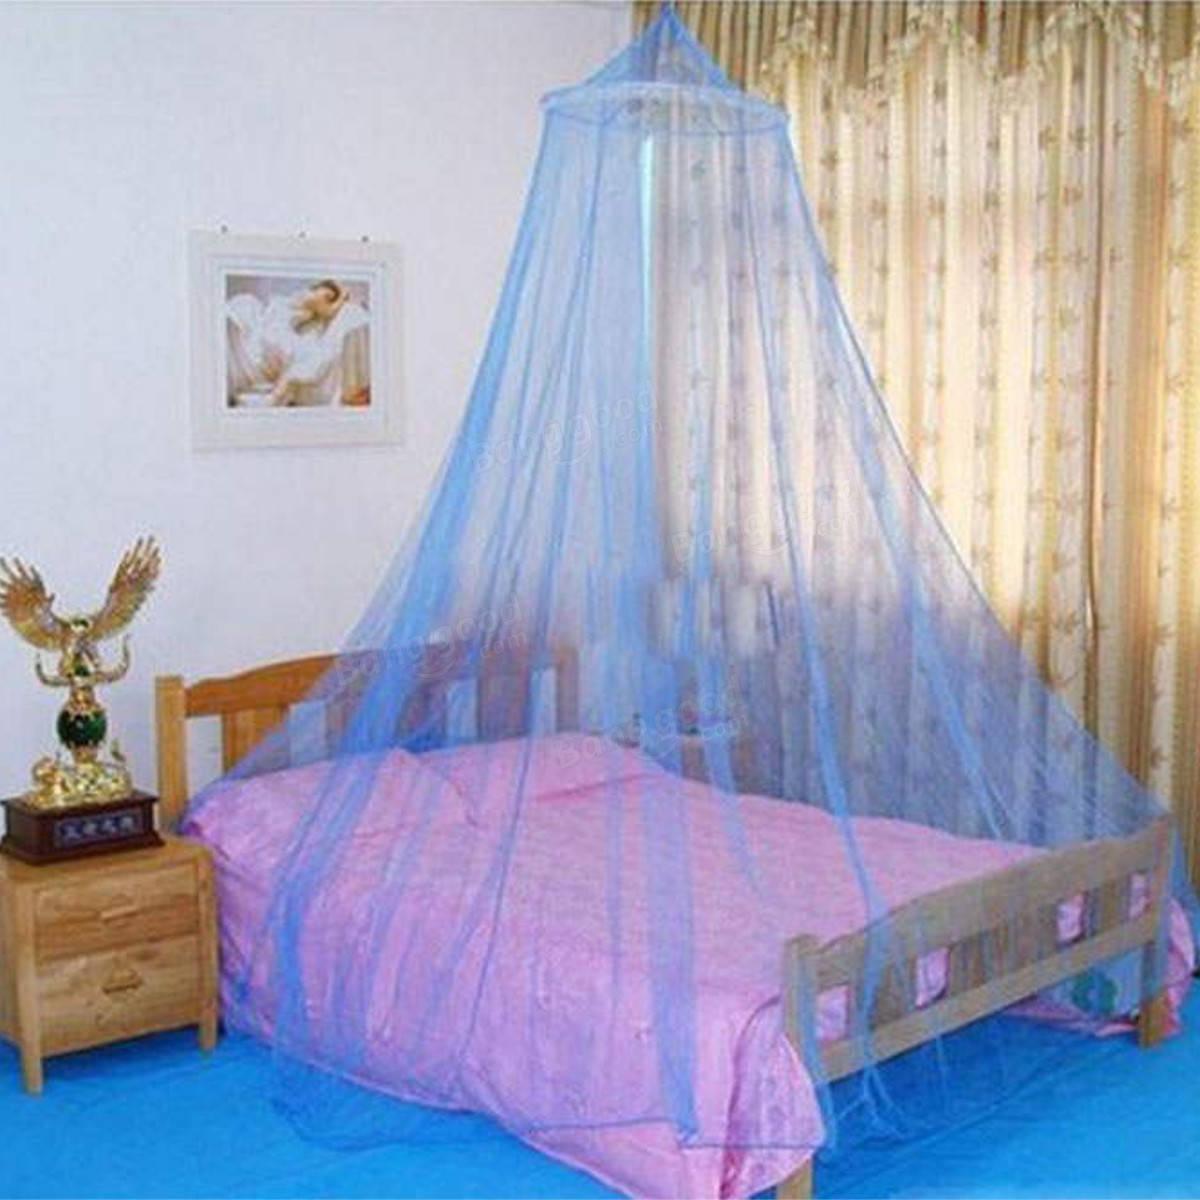 5 Farben Spitze Hängenden Betten Moskito Netz Dome Prinzessin Betthimmel  Netting Schlafzimmer Dekor